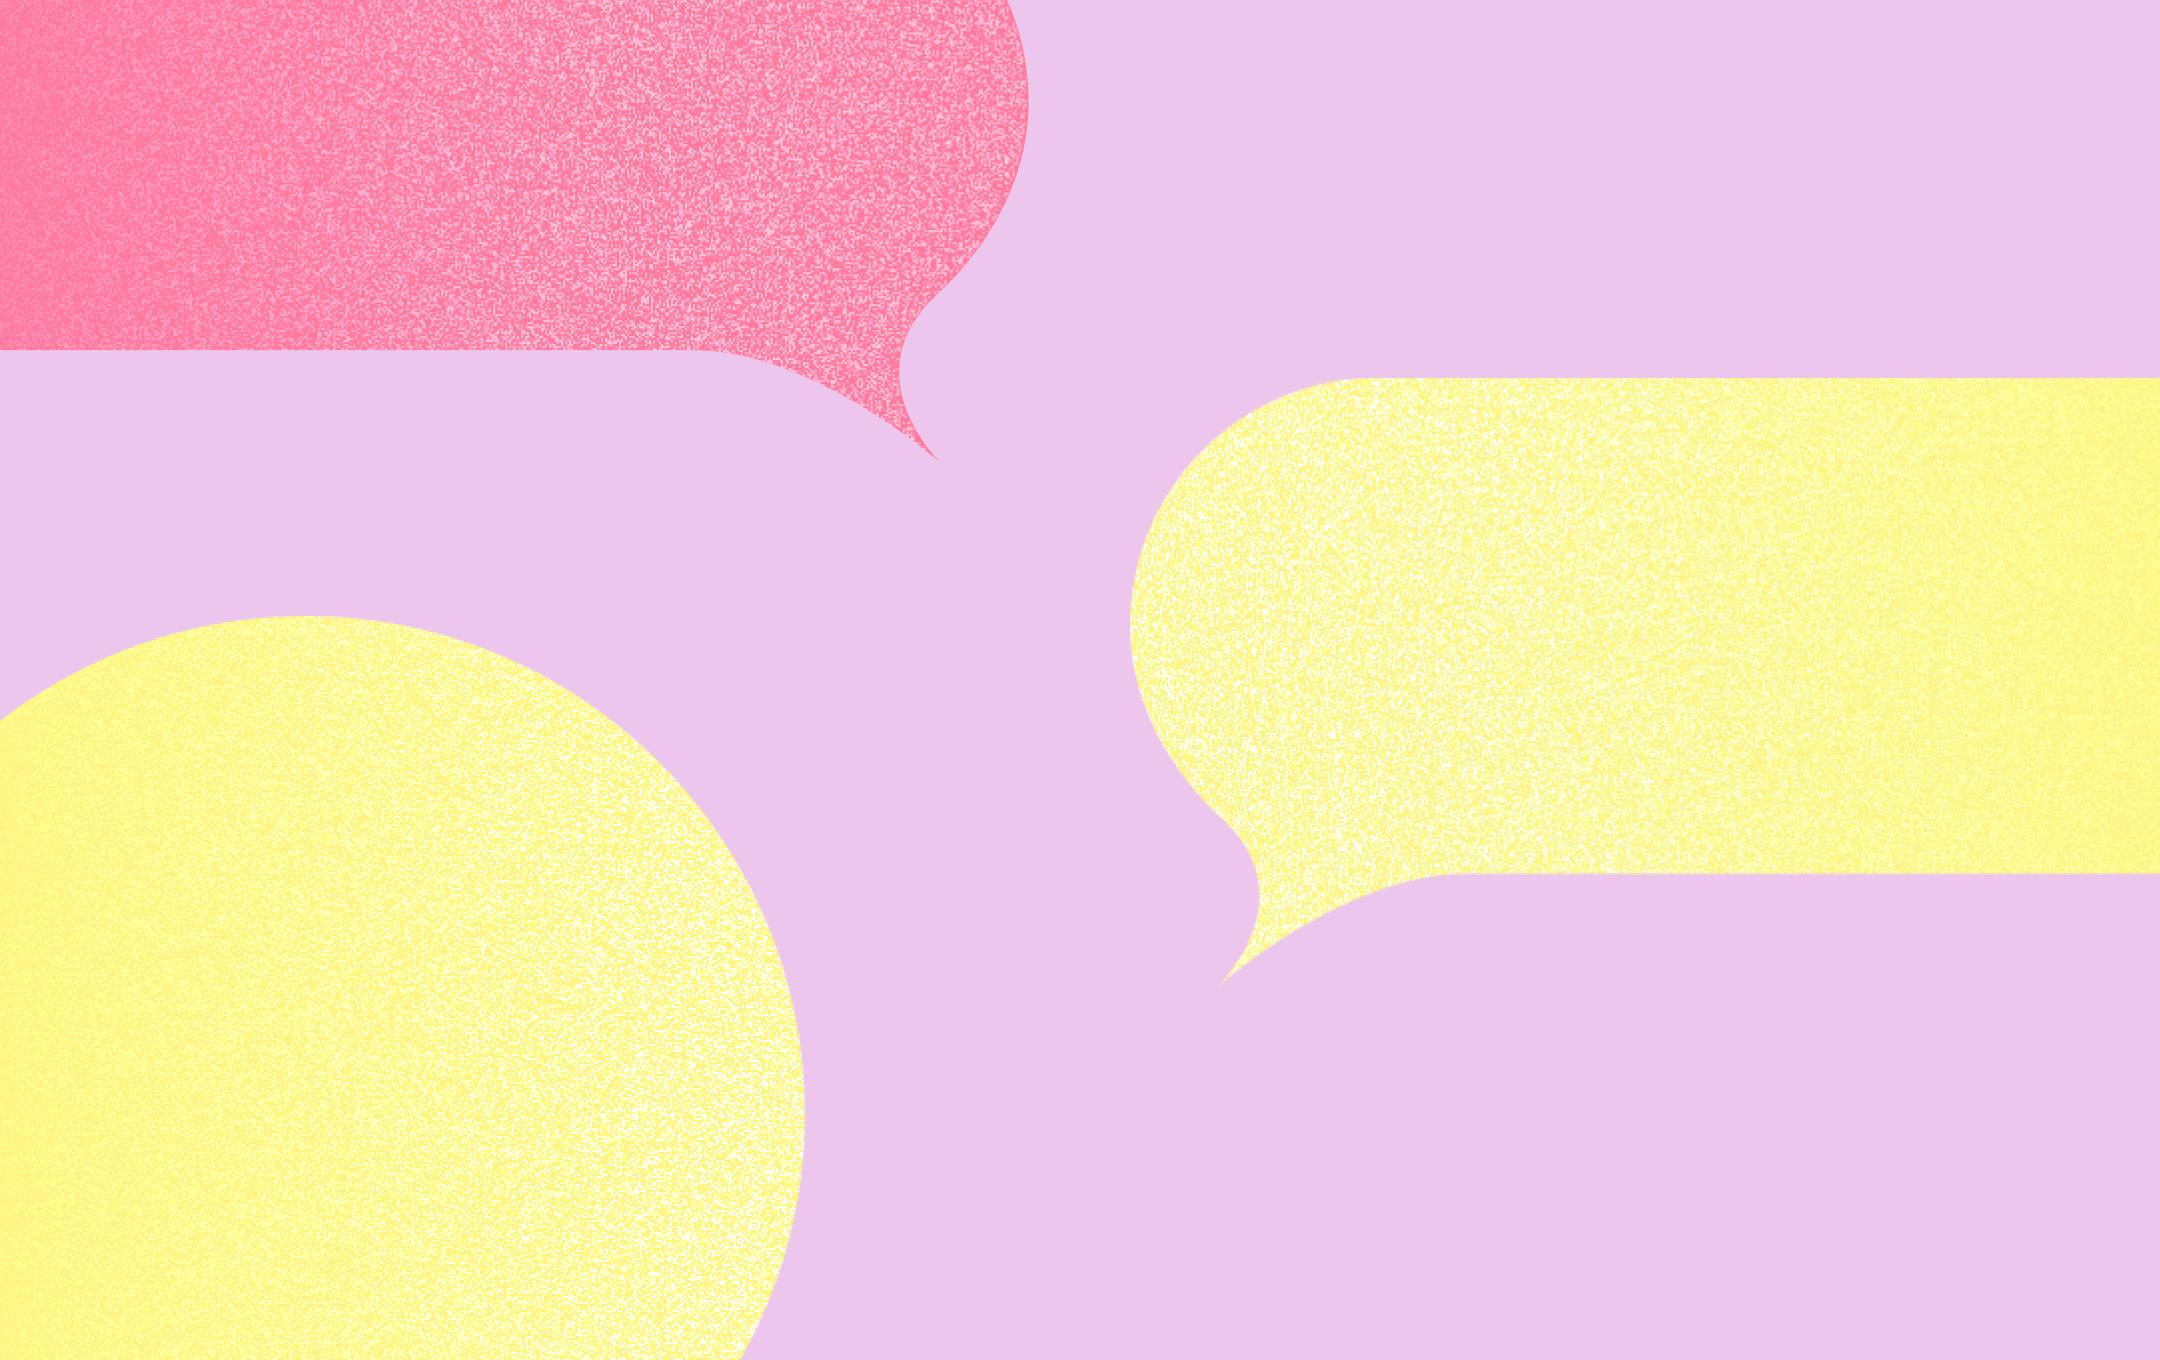 Colorful text message bubbles